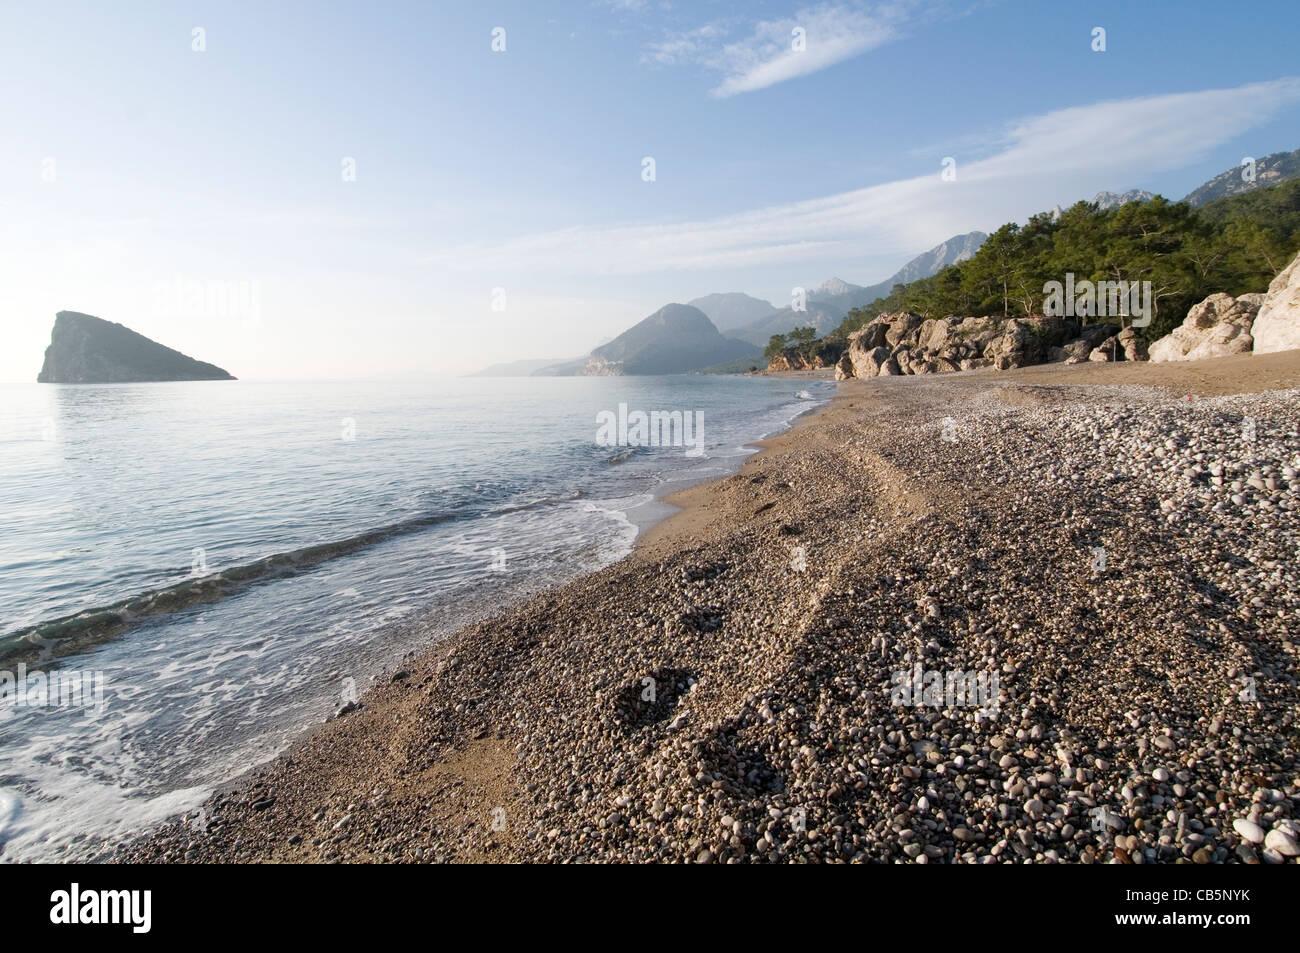 Turquía Turquía desiertas playas playa cerca de Antalya MAR MEDITERRÁNEO MAR Imagen De Stock